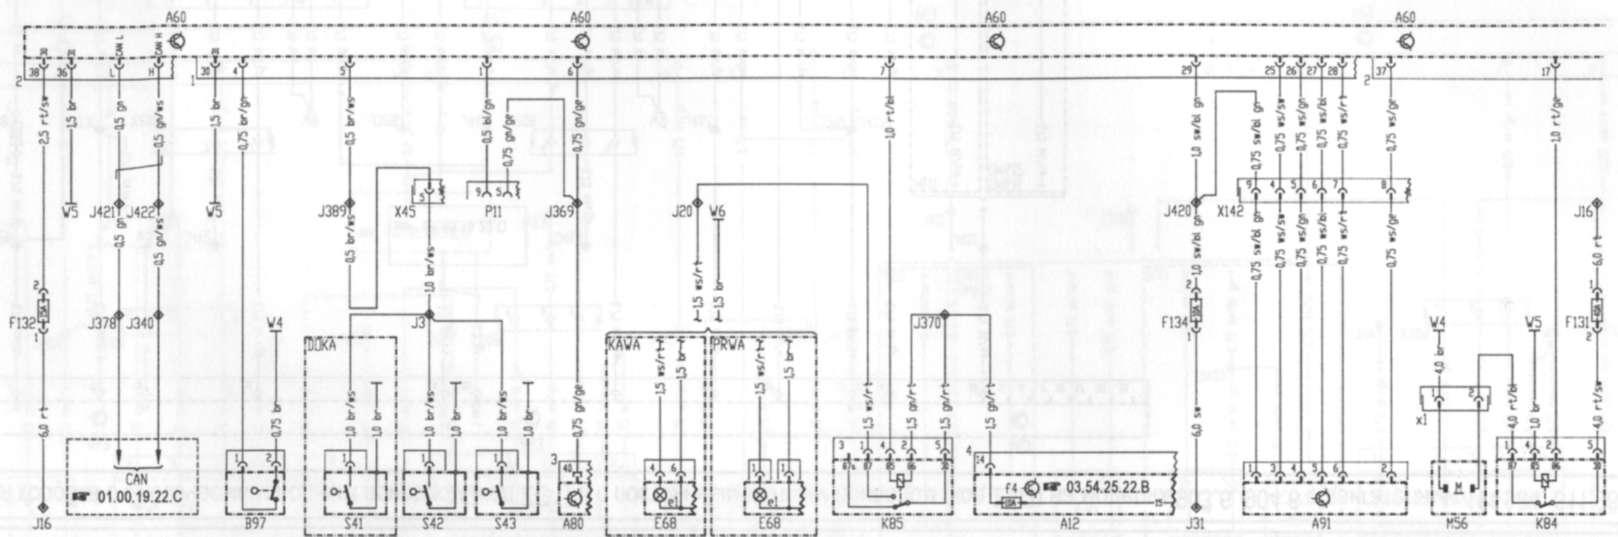 10.6 впрыска топлива (Двигатель 612.981 на моделях 902.6,903.6,904.6, 905.6)